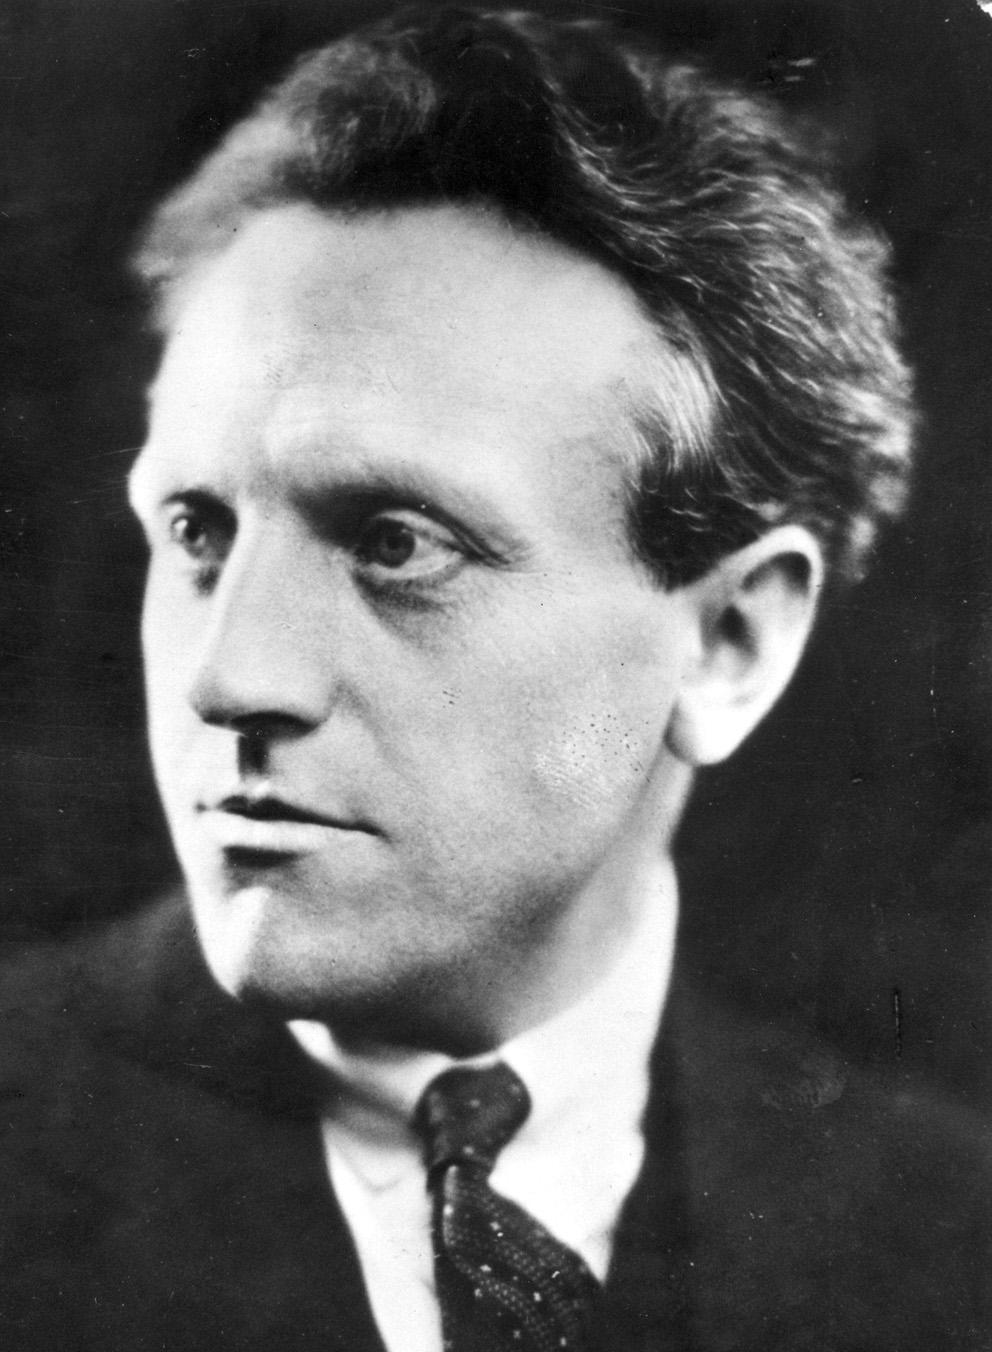 I år är det 100 år sedan Pär Lagerkvists (1891-1974) första diktsamling kom ut, och 40 år sedan han dog. Nu ges hans böcker ut på nytt.